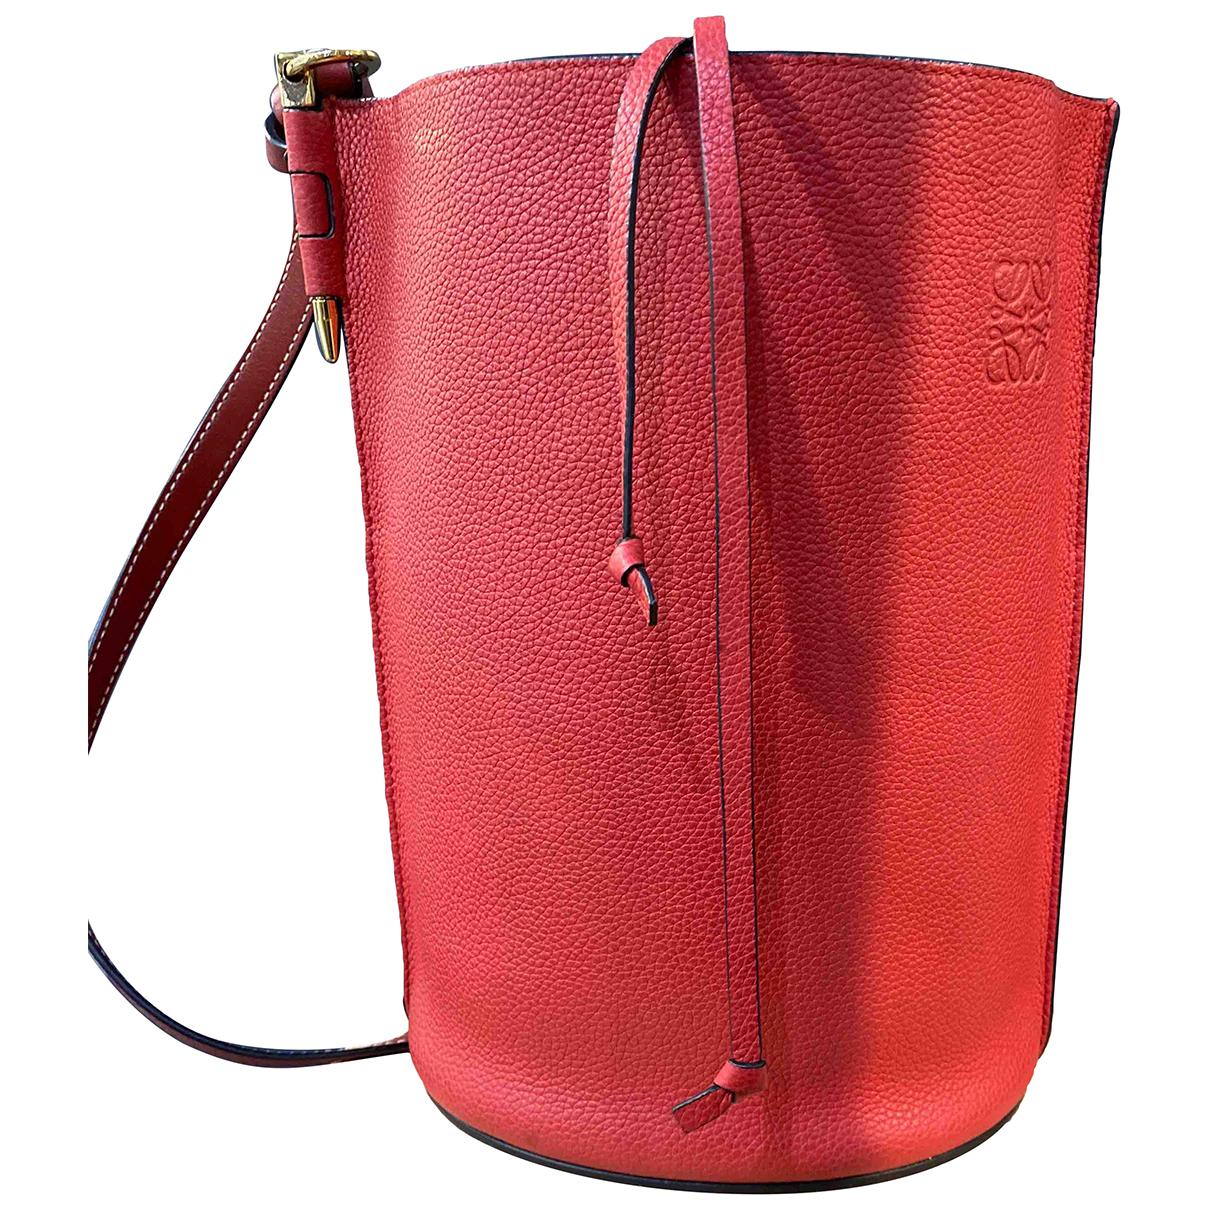 Loewe - Sac a main Gate Bucket pour femme en cuir - rouge